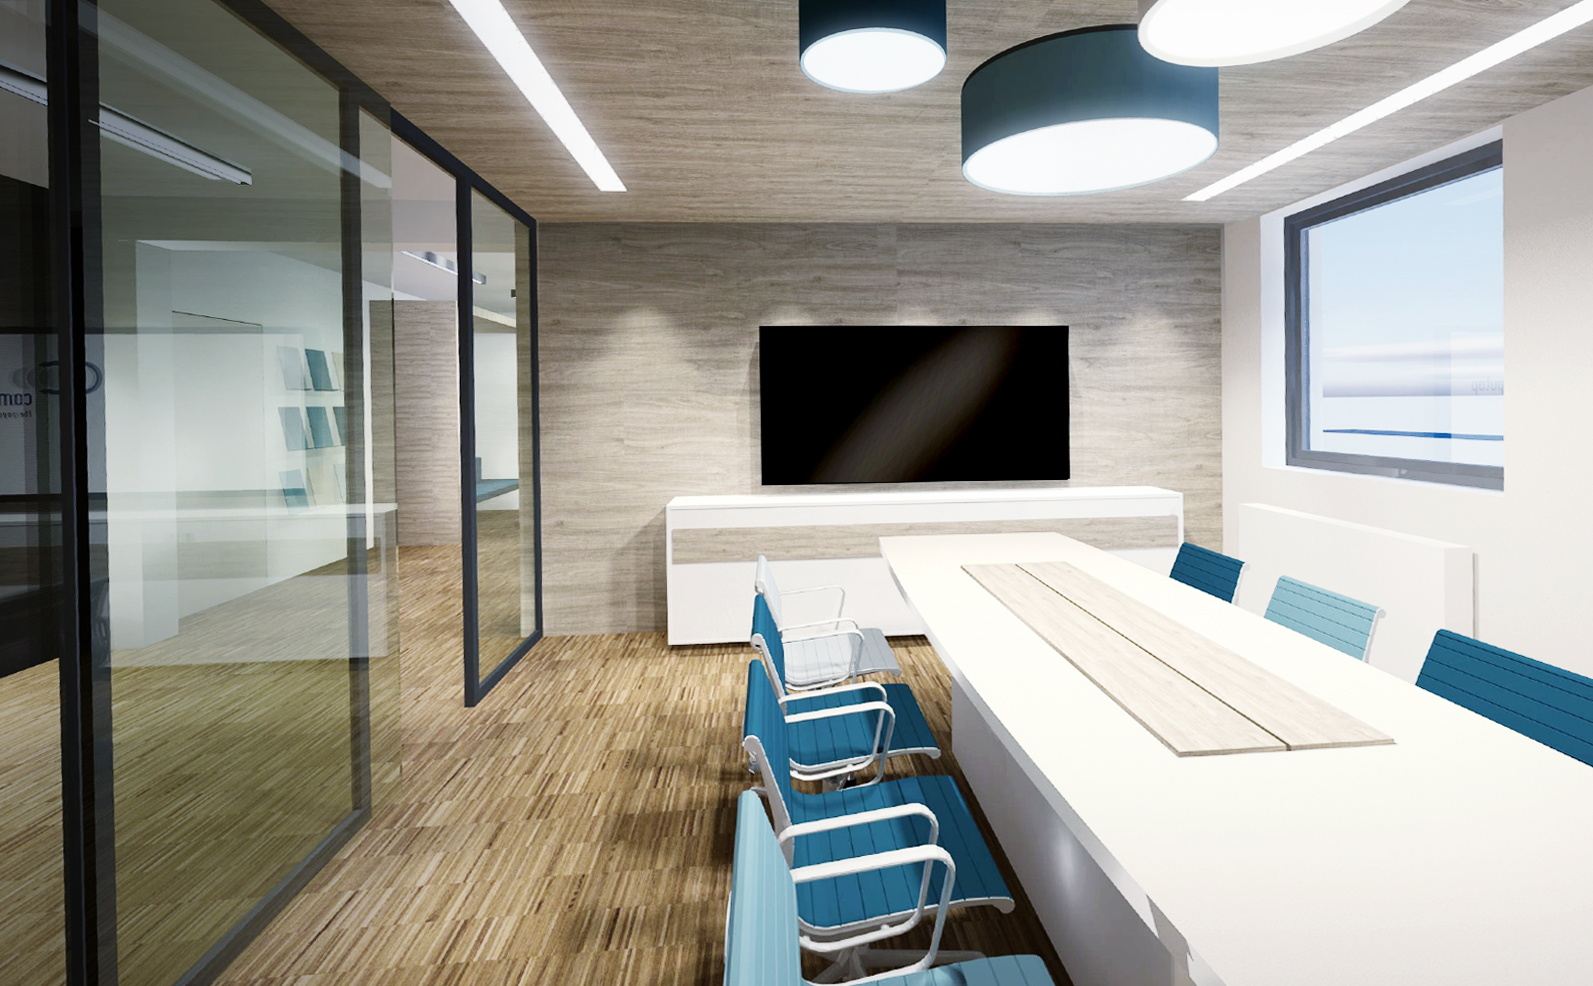 Büroplanung Konferenzraum Licht Planung Innenarchitektur Leipzig